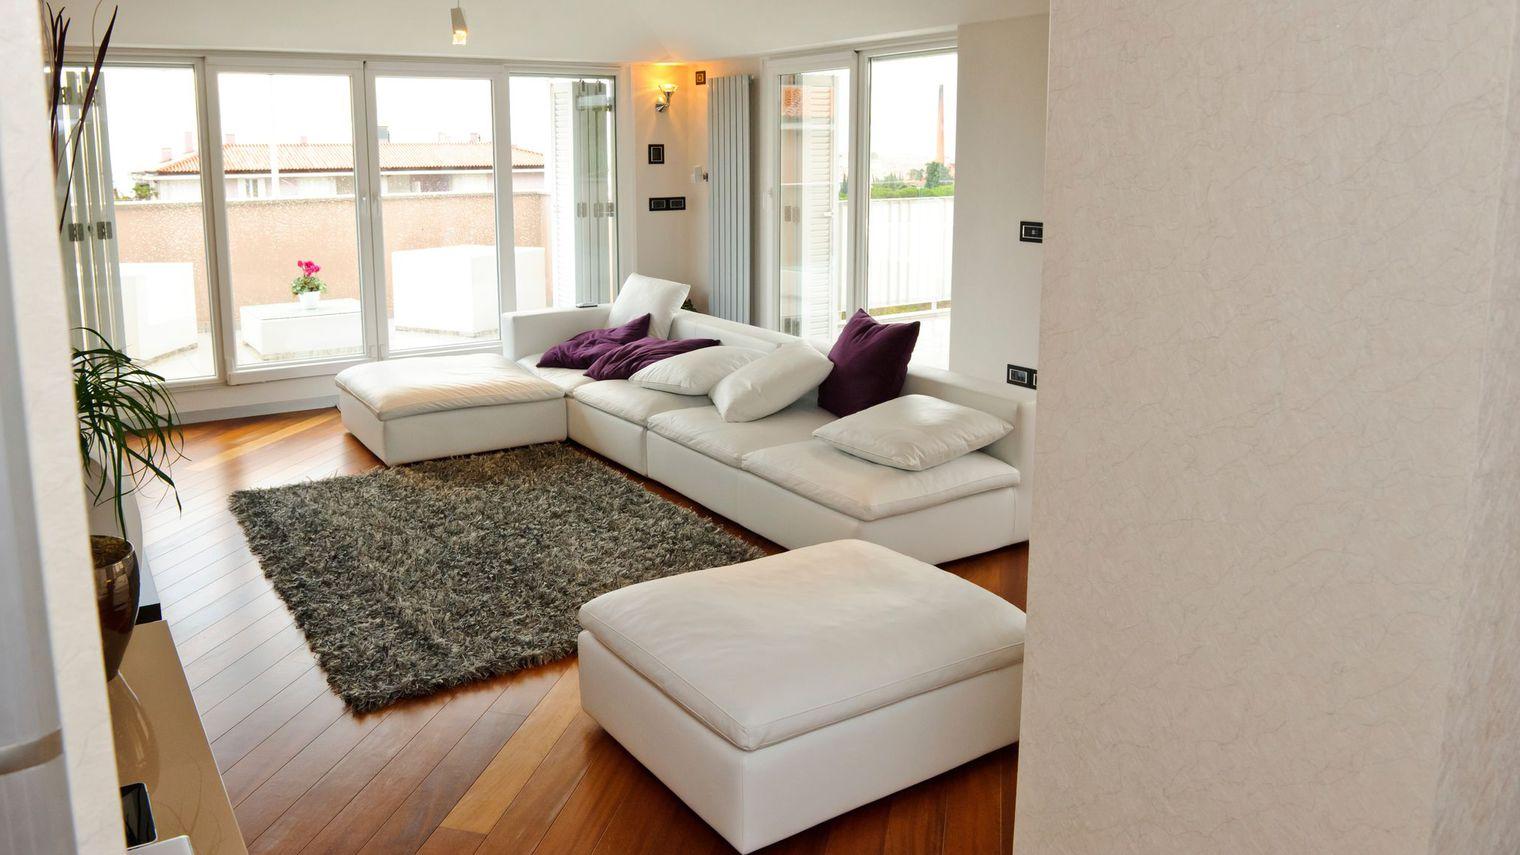 Location appartement Paris : n'y allez que si vous avez le budget